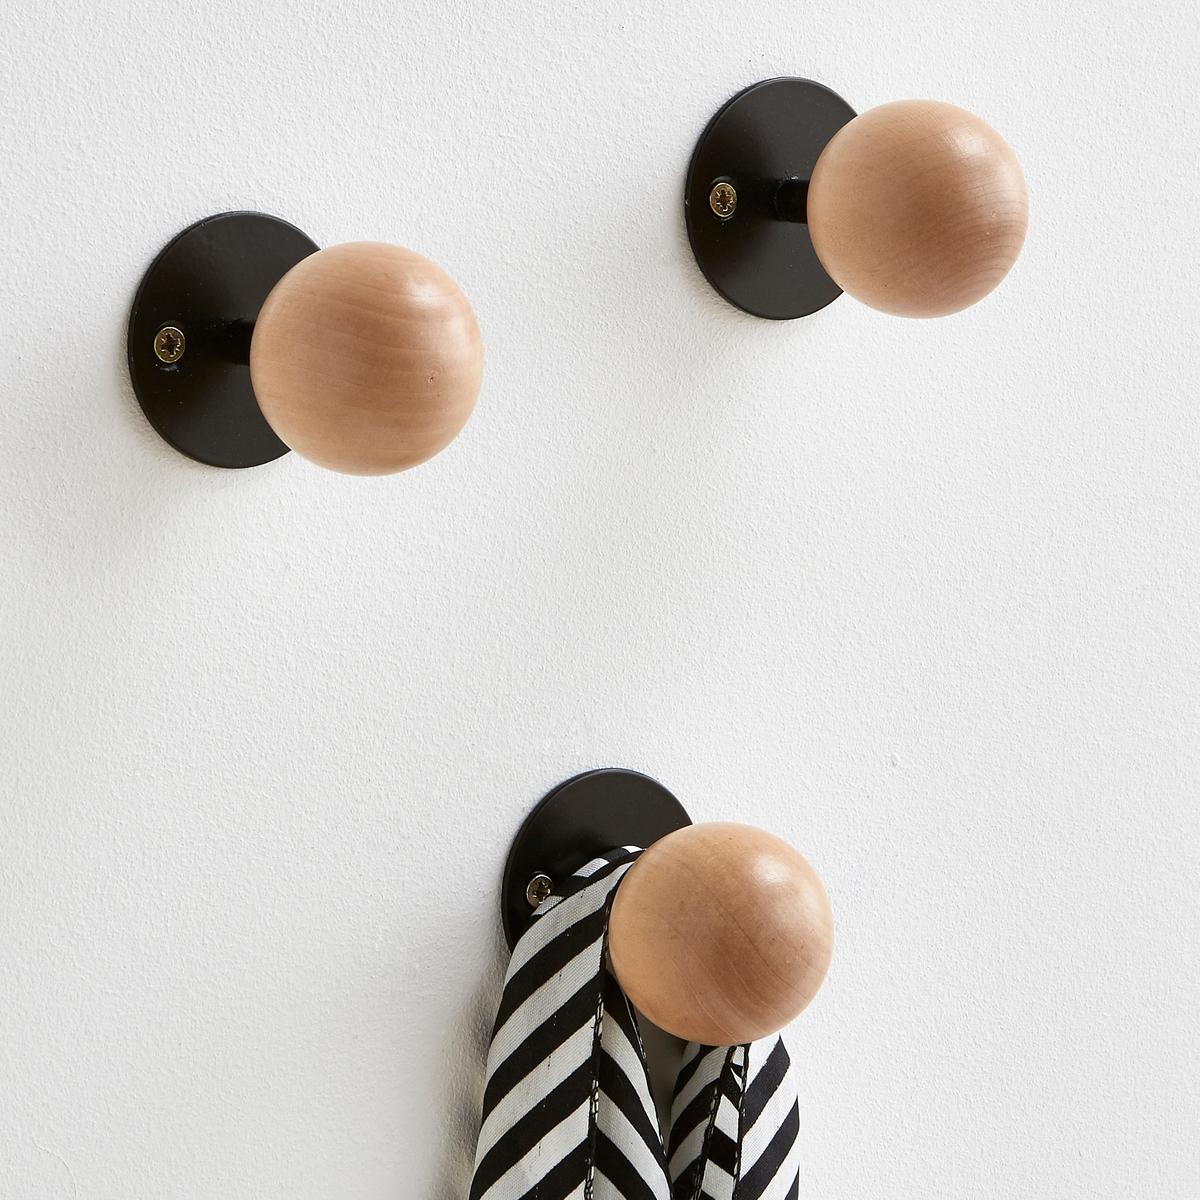 3 настенных LaRedoute Вешалки с крючками AGAMA единый размер черный 3 настенных la redoute вешалки с крючками agama единый размер белый